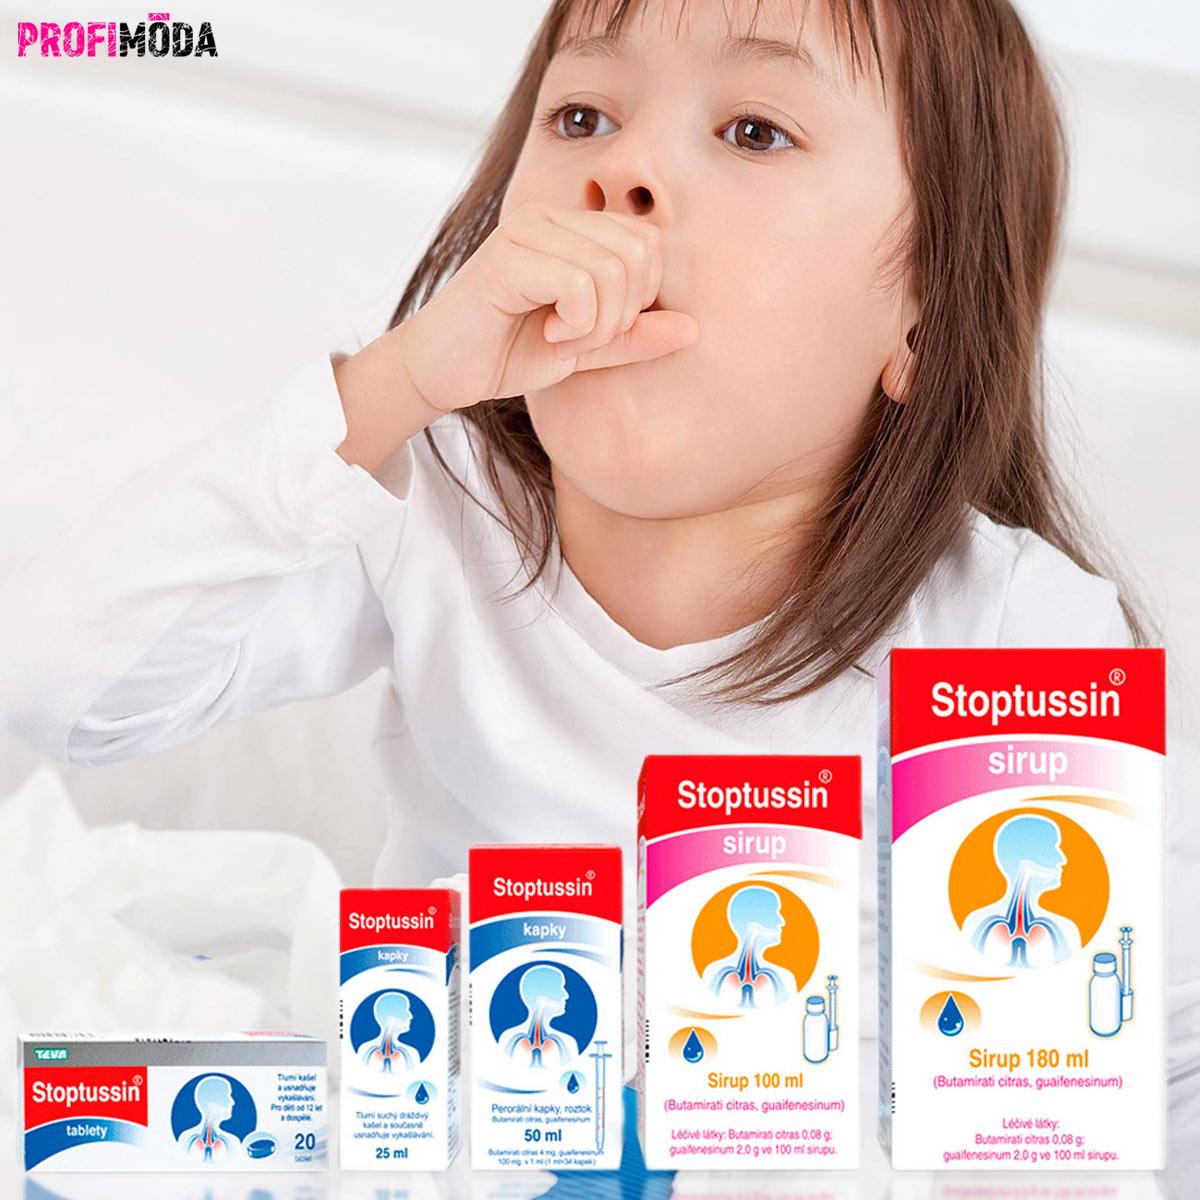 Příčiny kašle bývají infekční i neinfekční. Dětem však vždy pomůže zmírnit nepříjemné příznaky kašle.